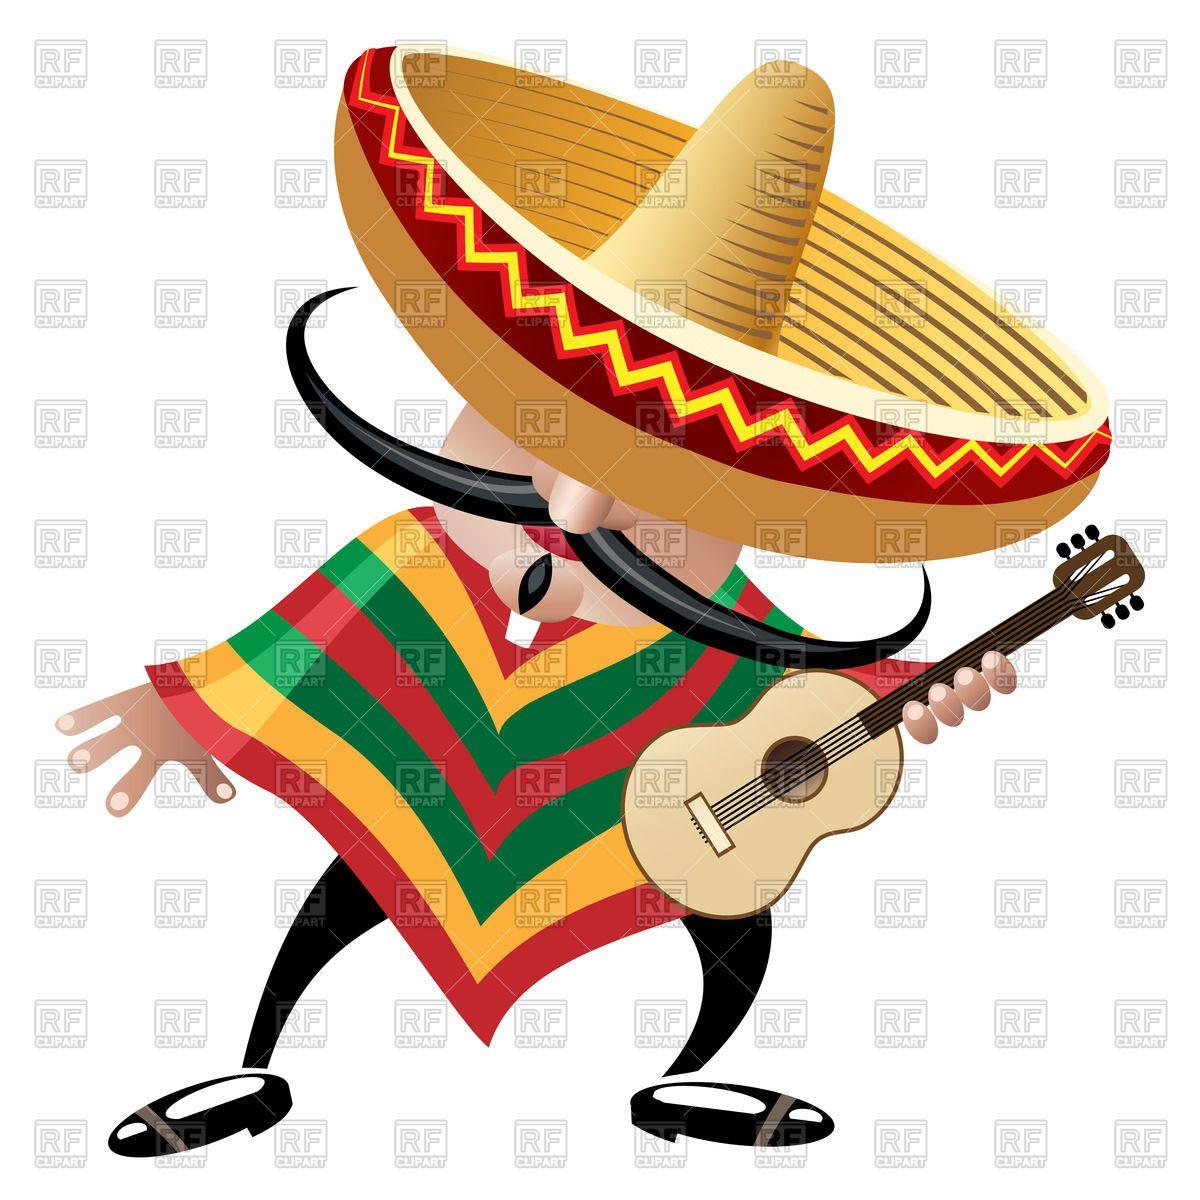 mexican sombrero clip art worm mexican sombrero clip art free rh pinterest com free clipart mexican sombrero free clipart mexican sombrero